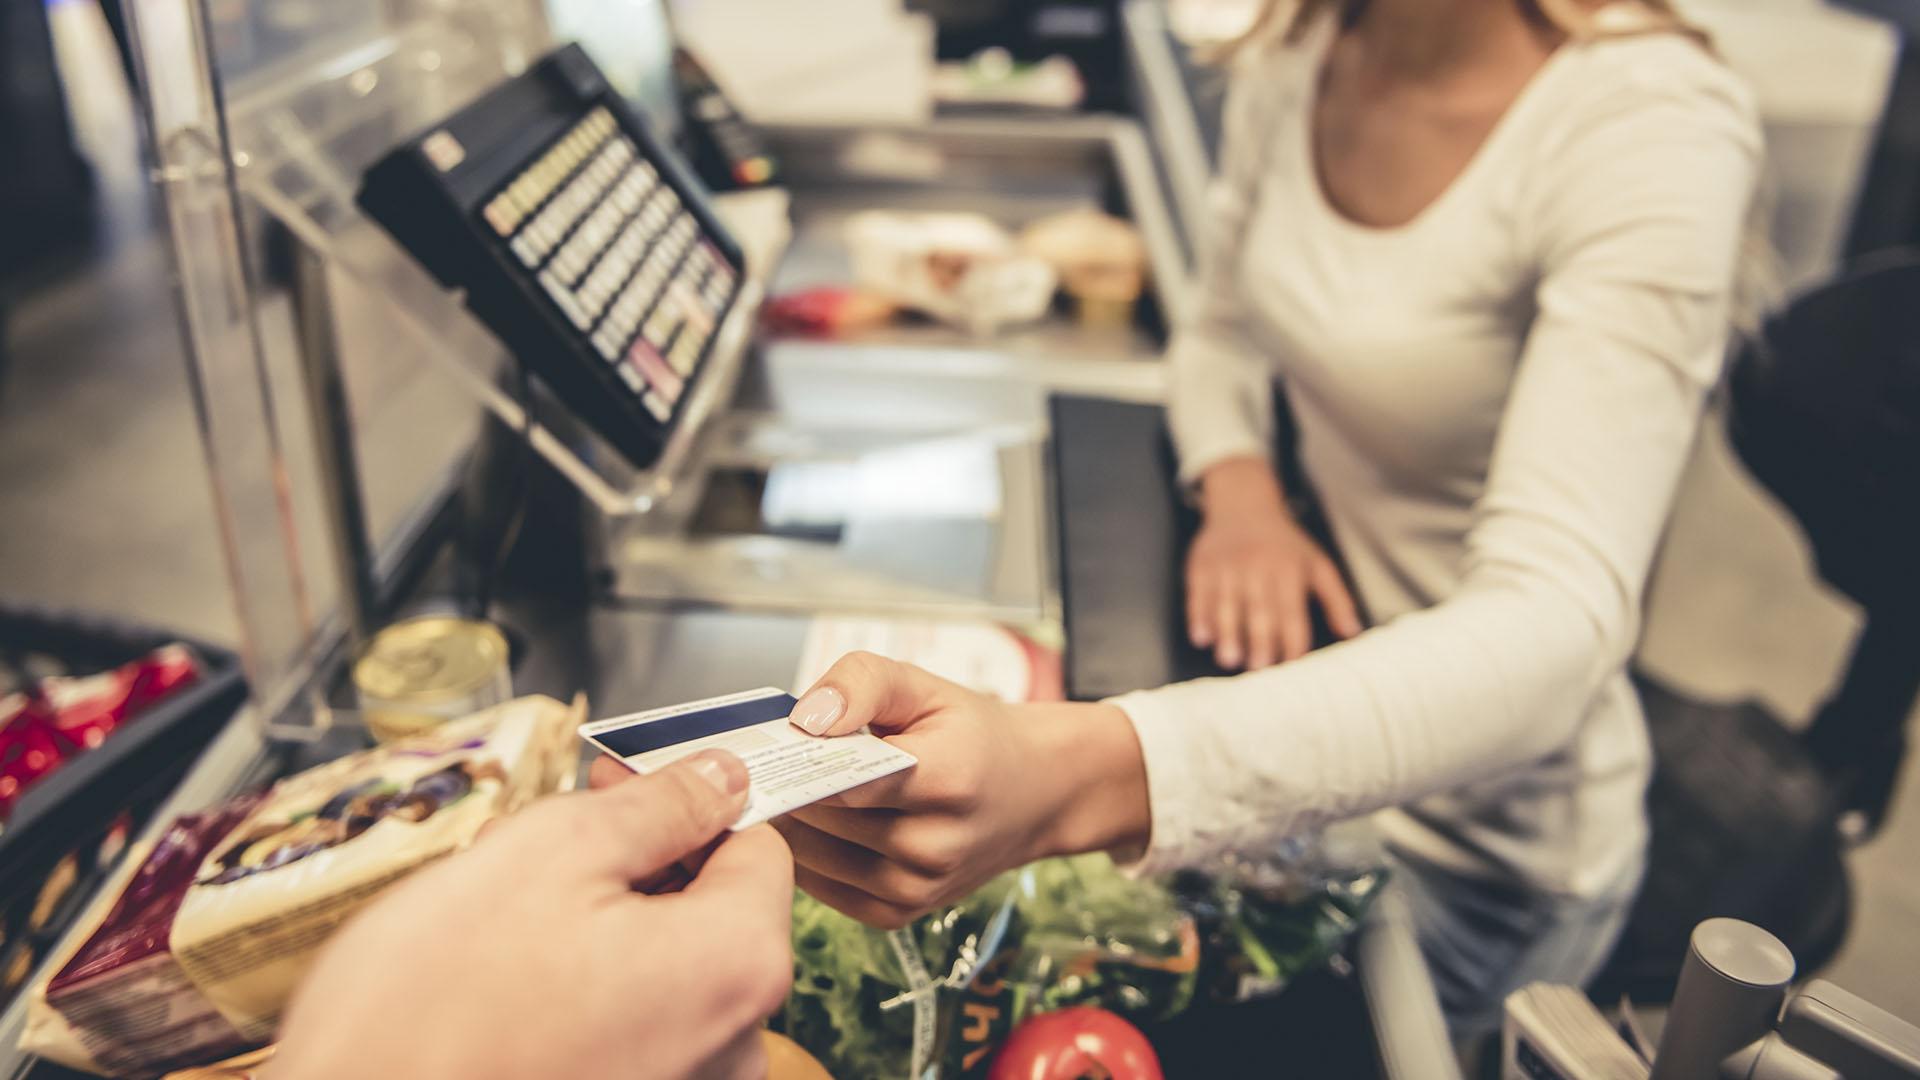 Las ofertas para compras por época de fiestas influyeron positivamente en la recuperación de expectativas económicas (Getty)